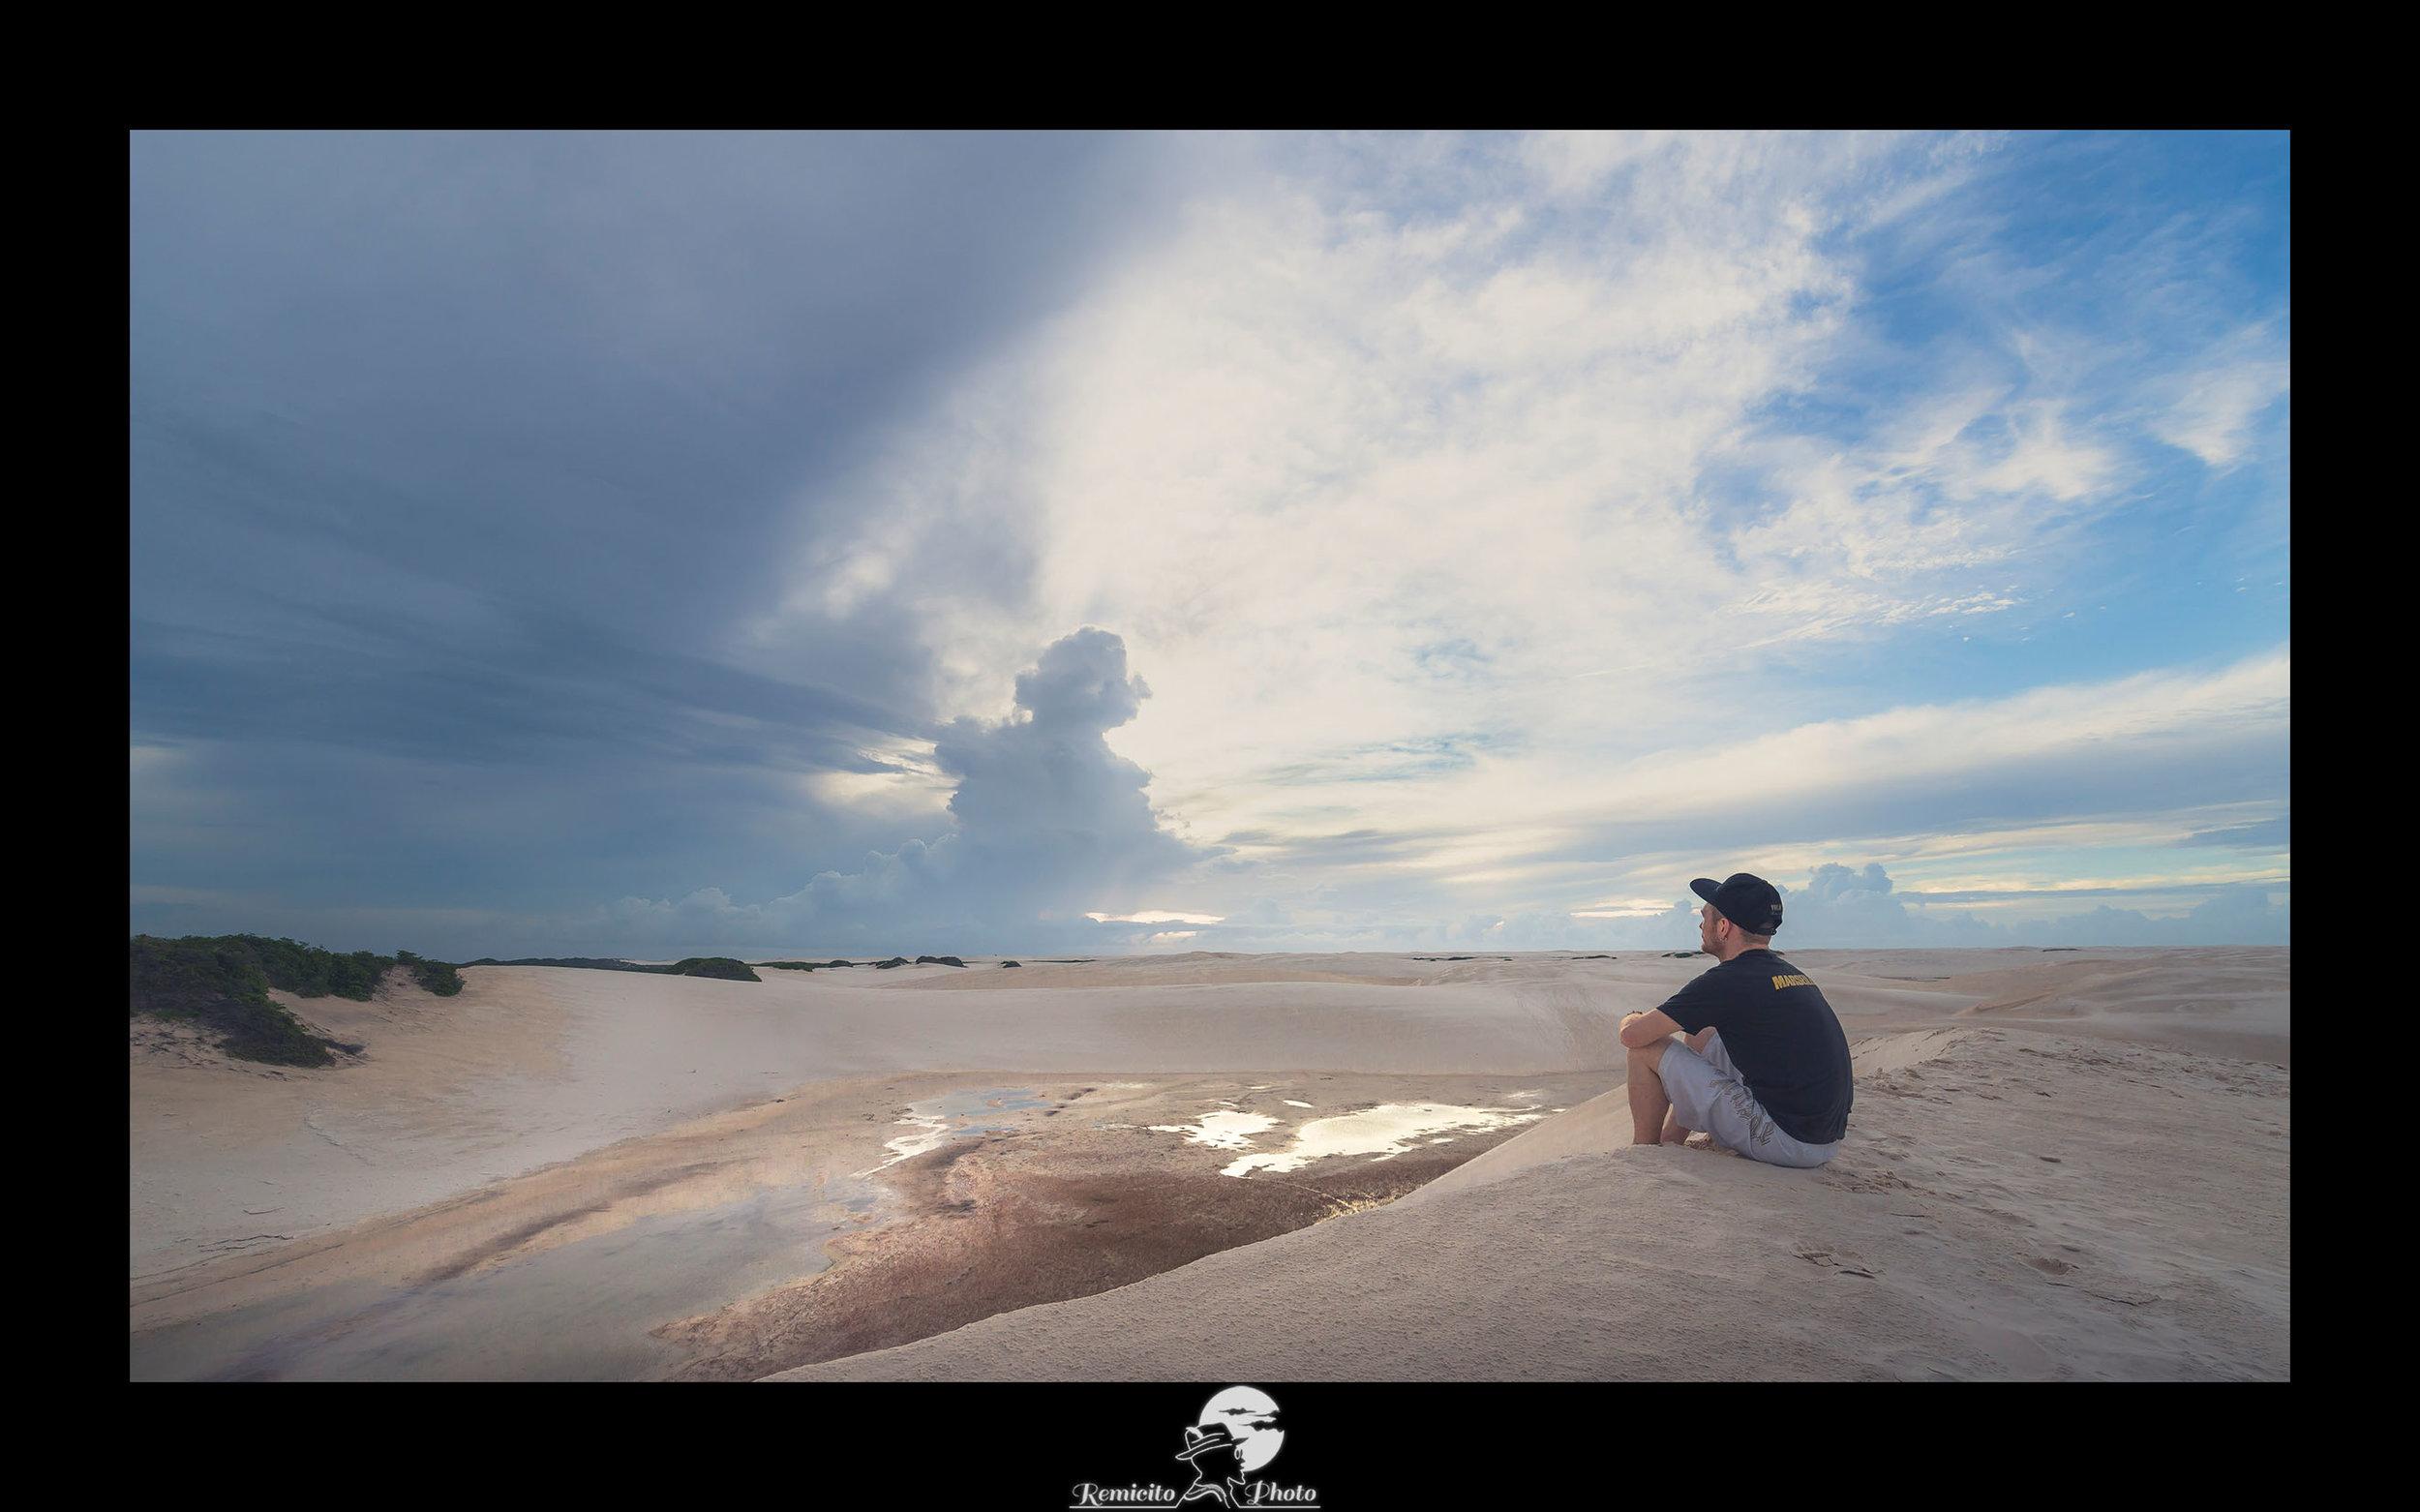 remicito photo, image du jour, photo du jour, photo of the day, idée cadeau, voyage brésil, photo voyage dunes, belle photo désert, contempler l'horizon, regarder vers l'horizon, contemplating the horizon, french photographer, photographe français, landscape photography, photographe de voyage